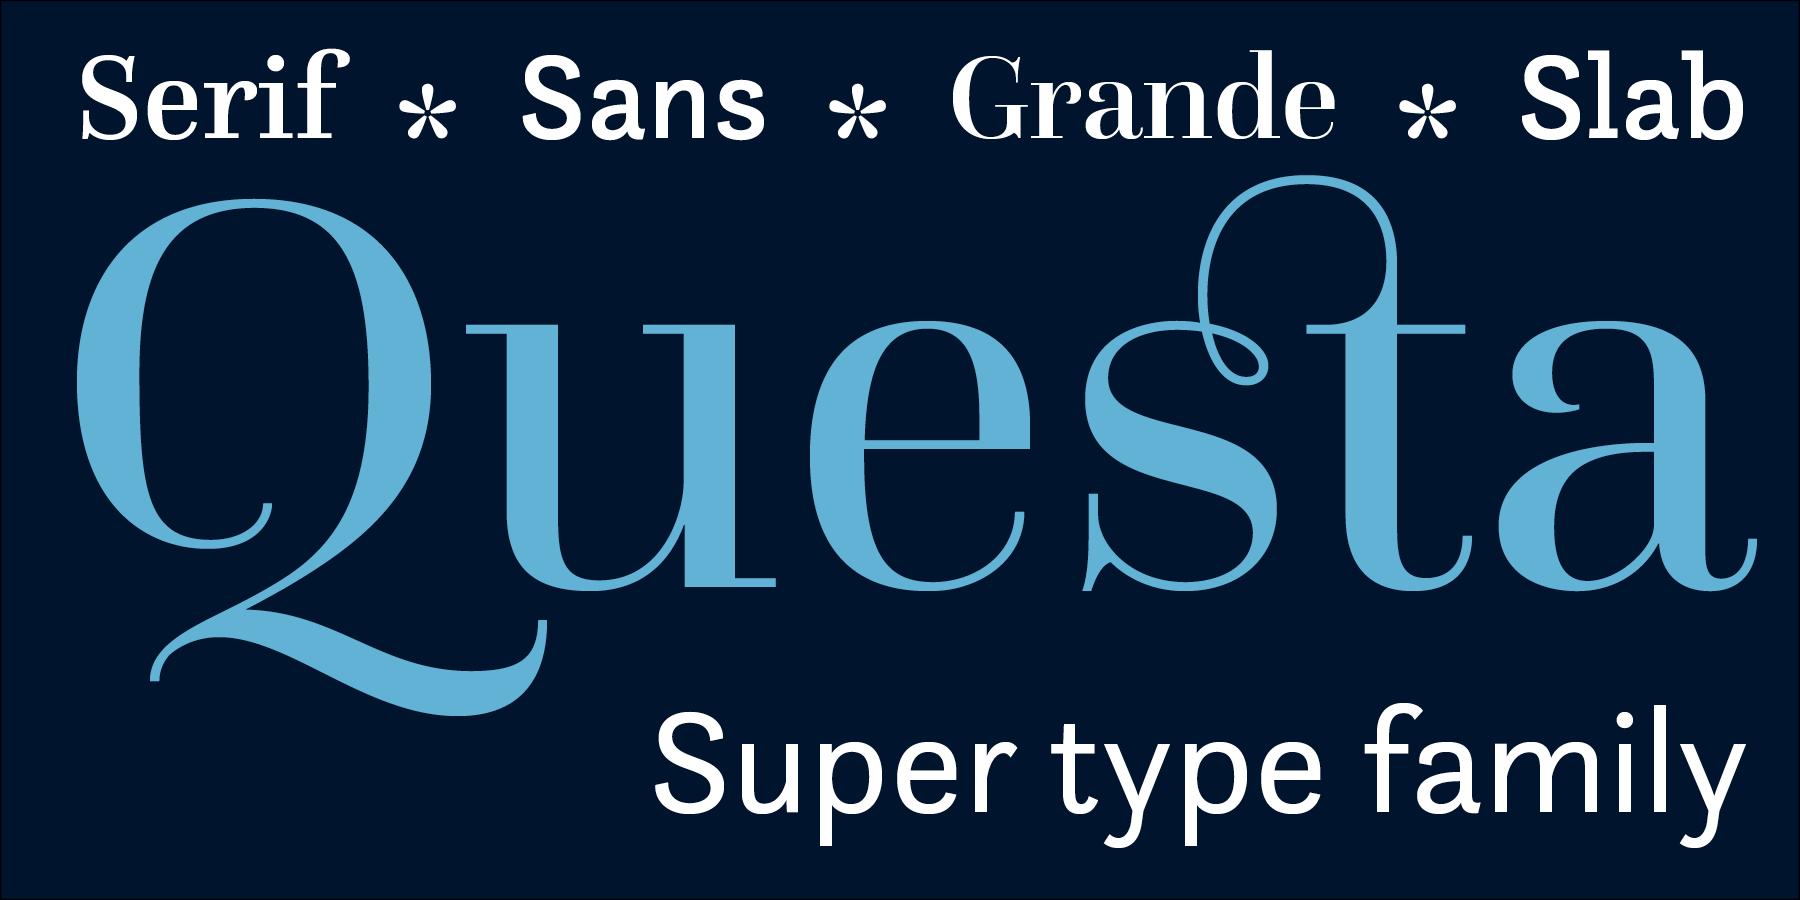 free font: Questa Grande regular